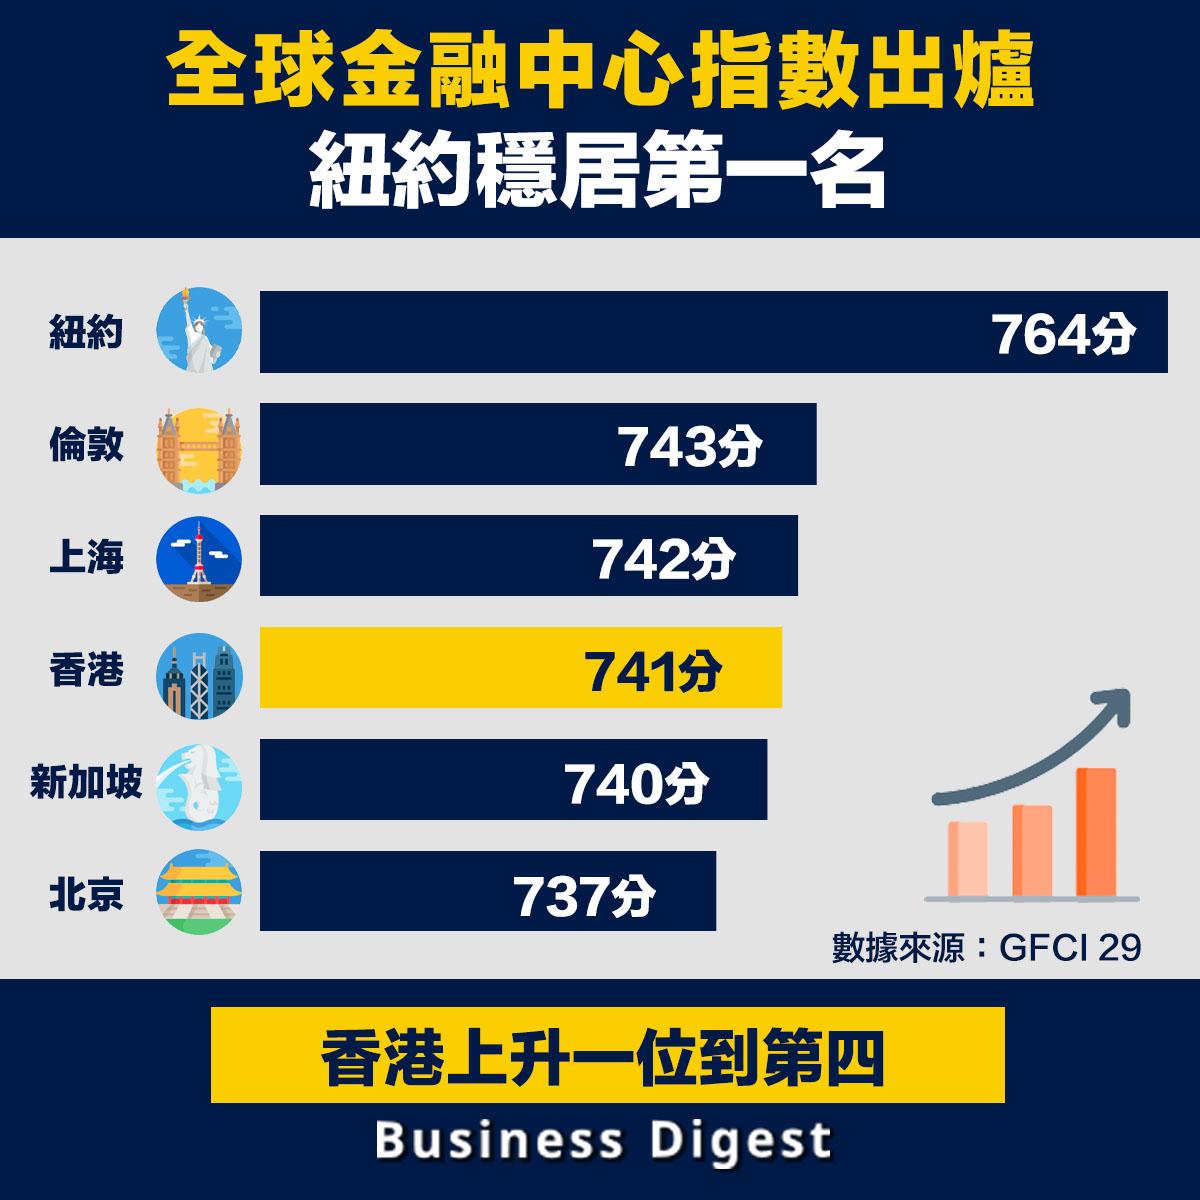 最新一期《全球金融中心指數》,當中紐約以總分764,穩居第一名